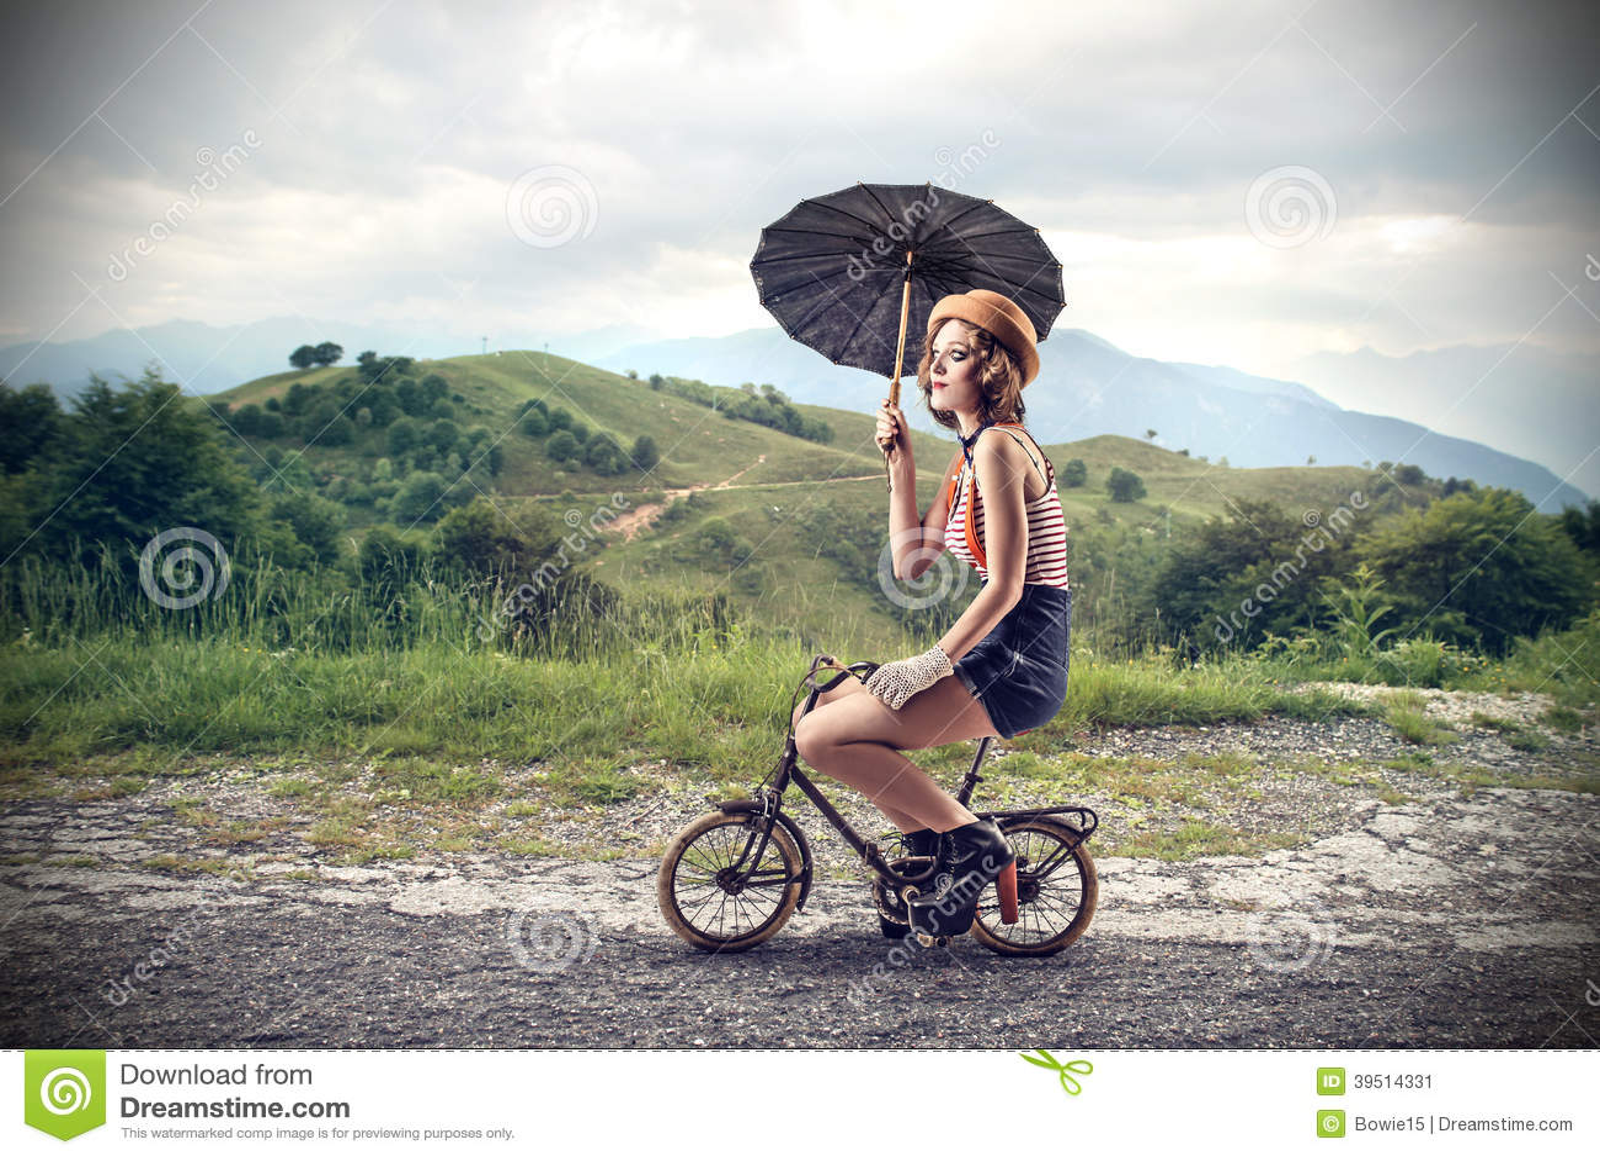 Clown riding a little bike with an umbrella